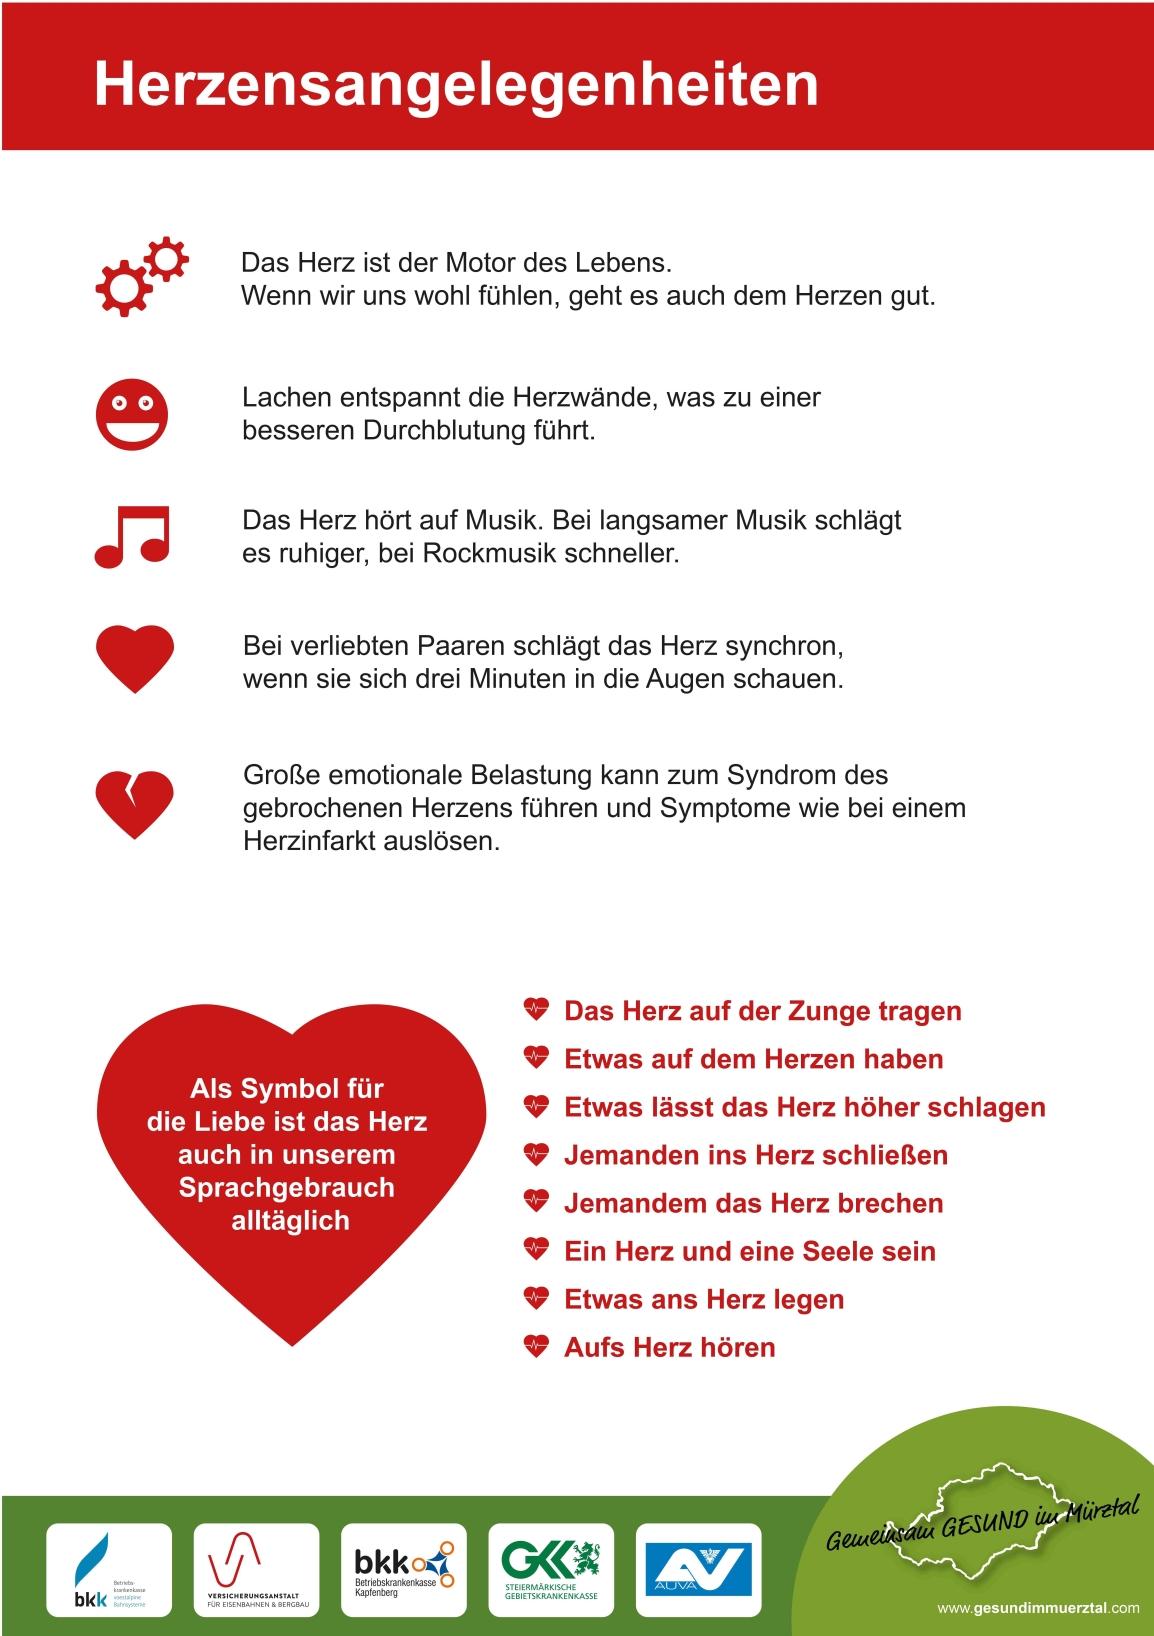 Herzensangelegenheiten – Genusstag Kapfenberg – Gemeinsam GESUND im Mürztal